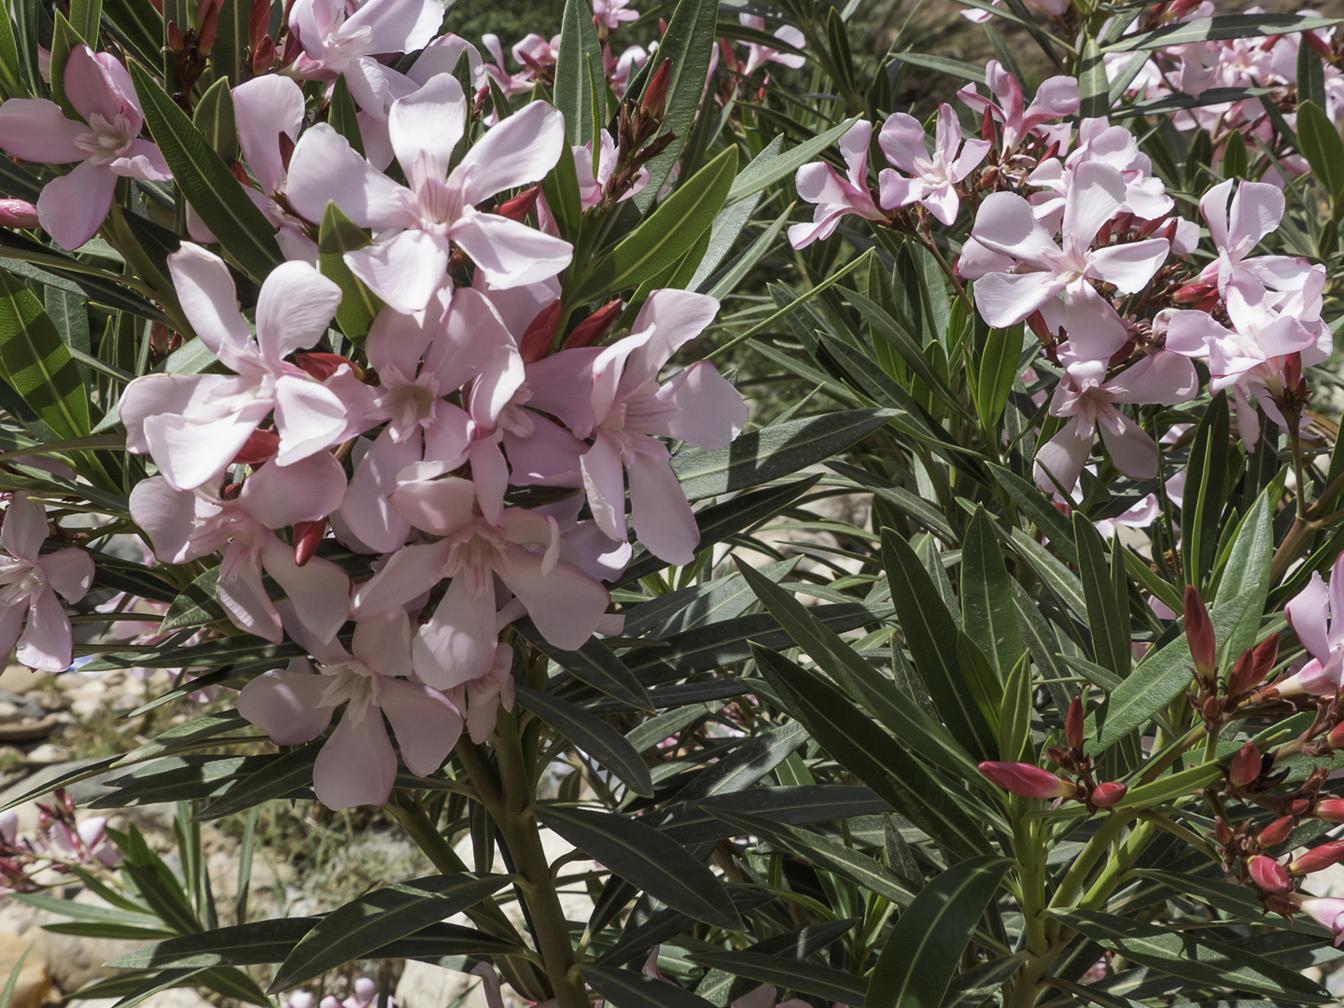 nerium oleander plant biodiversity of south western morocco. Black Bedroom Furniture Sets. Home Design Ideas